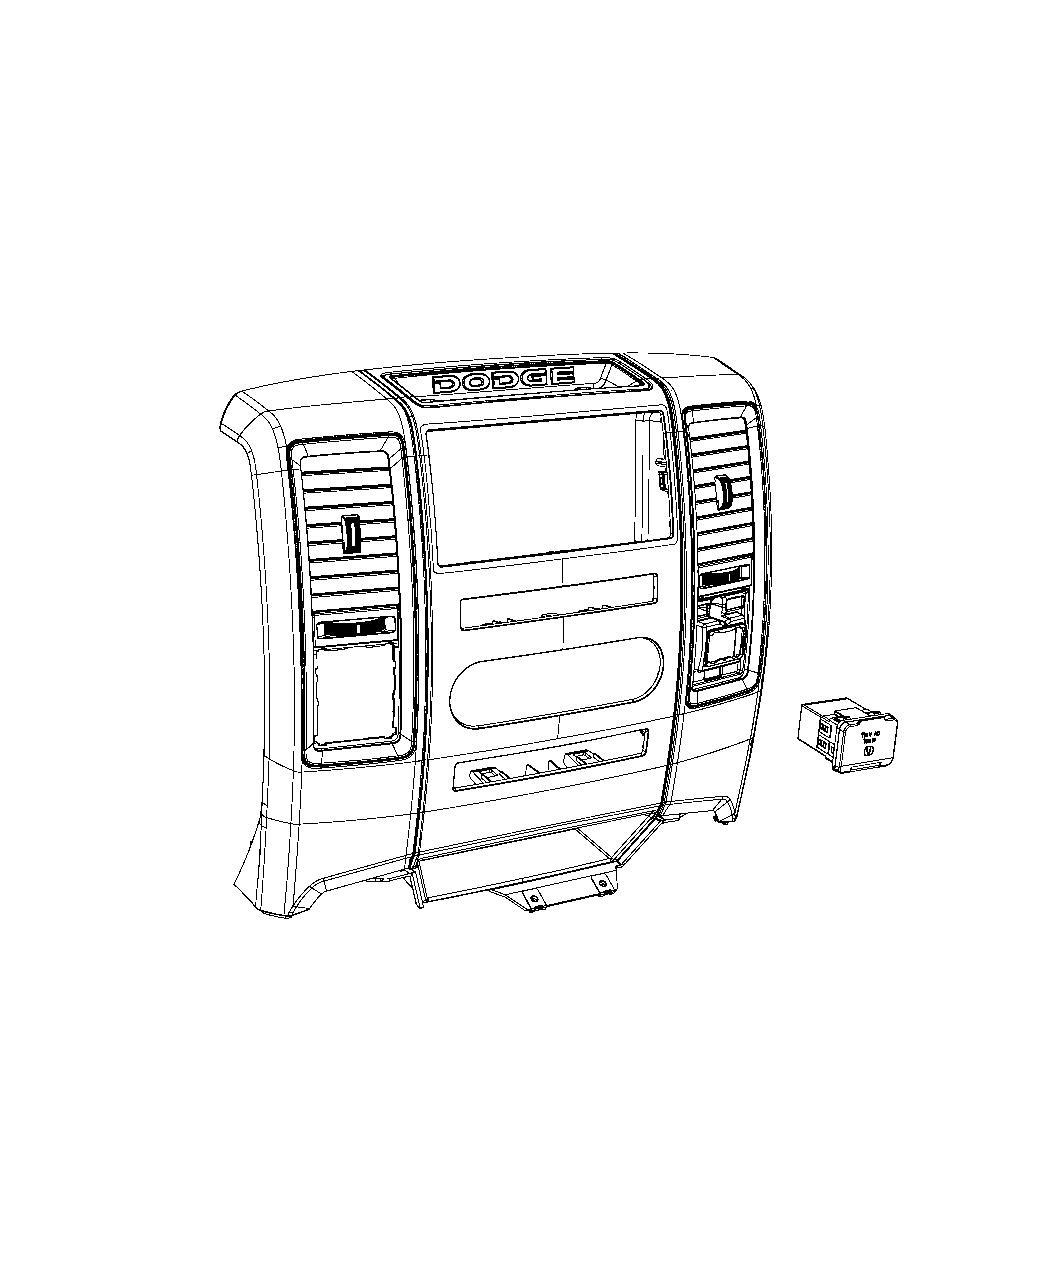 Ram 5500 Power Outlet  Inverter